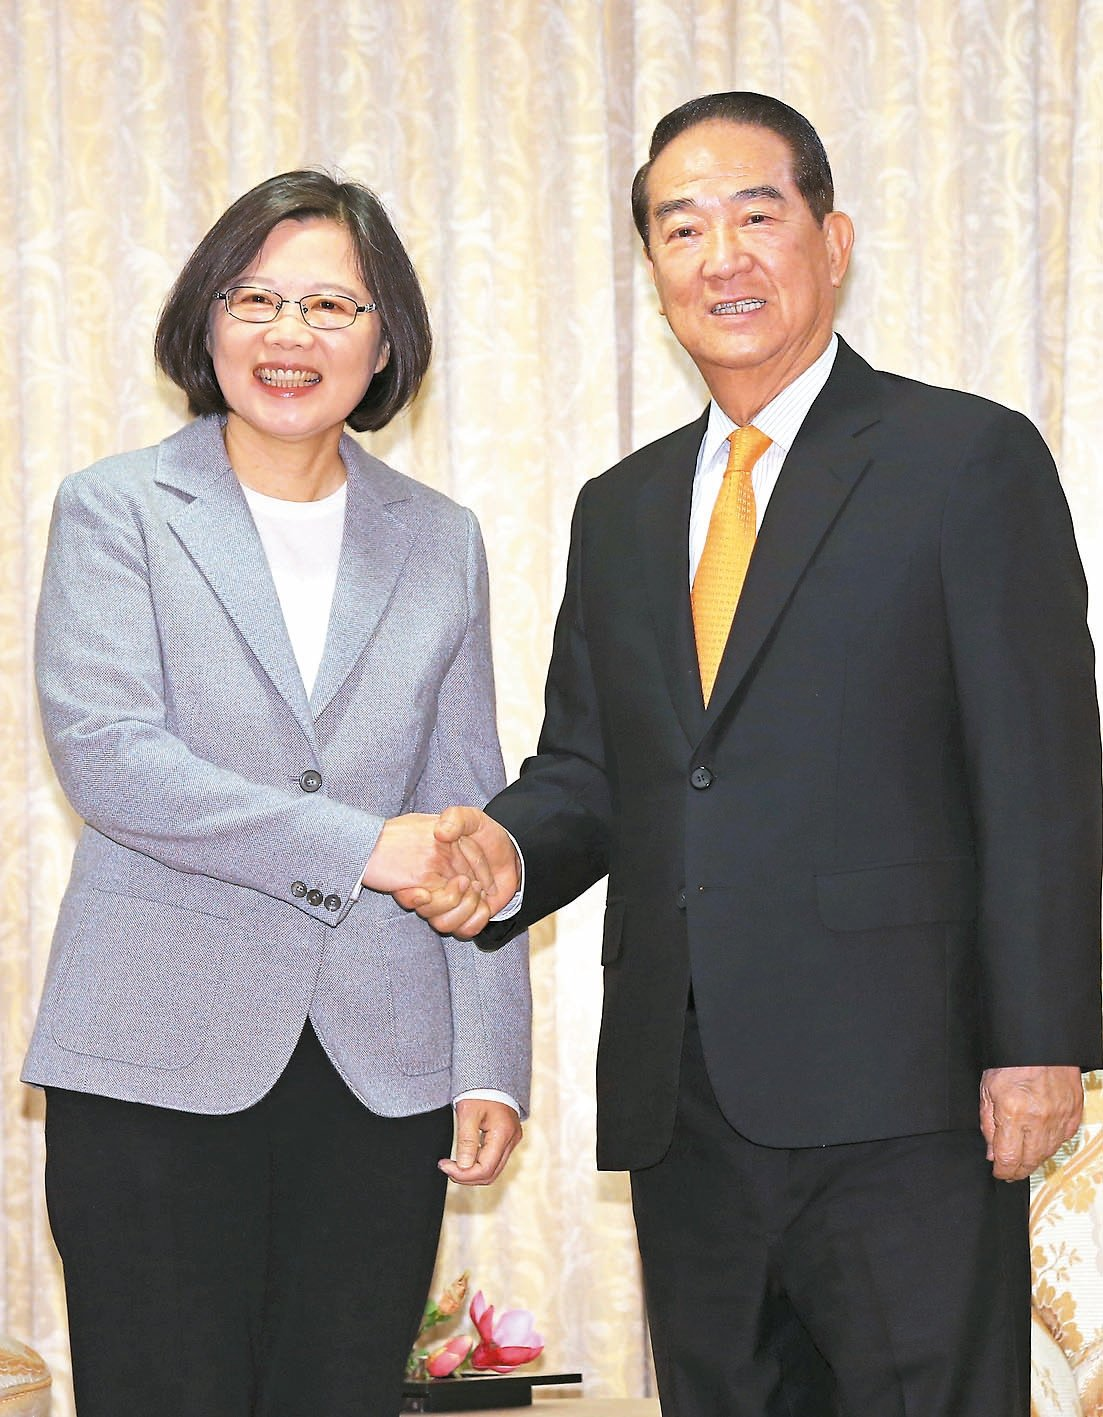 總統蔡英文(左)傳將指派親民黨主席宋楚瑜出任今年APEC特使。 本報資料照片